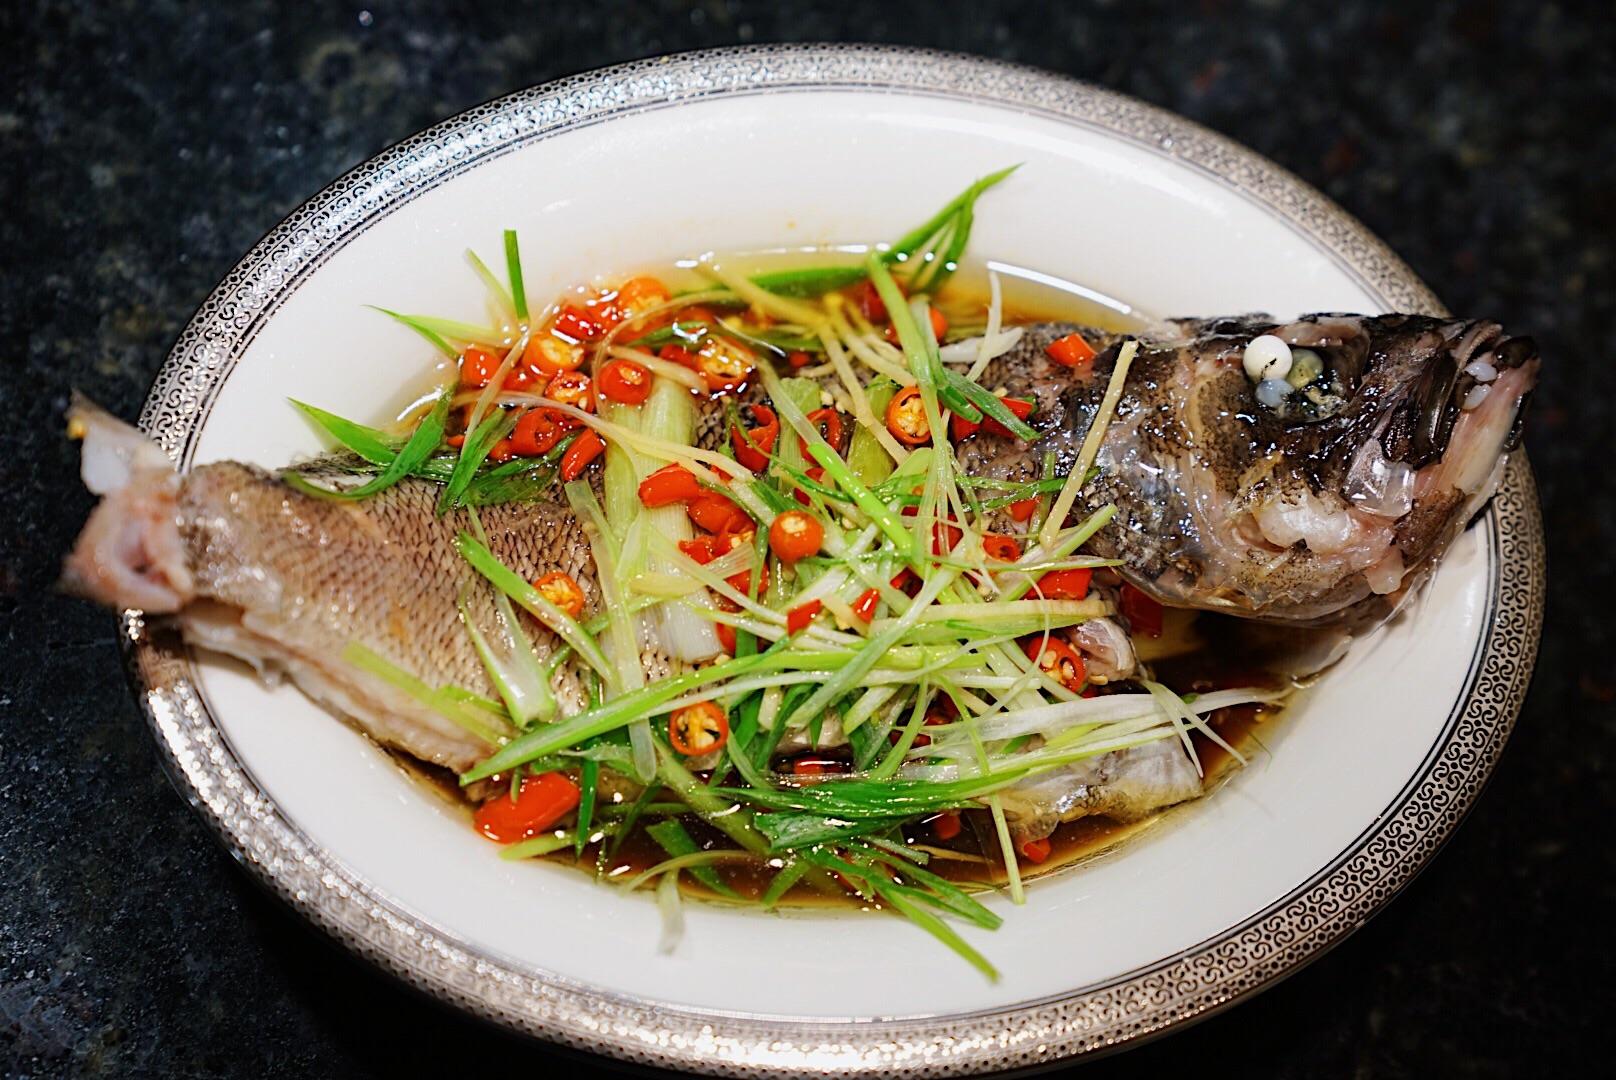 清蒸石斑魚的做法_【圖解】清蒸石斑魚怎么做如何做好吃_清蒸石斑魚家常做法大全_Amy的美食日記_豆果美食